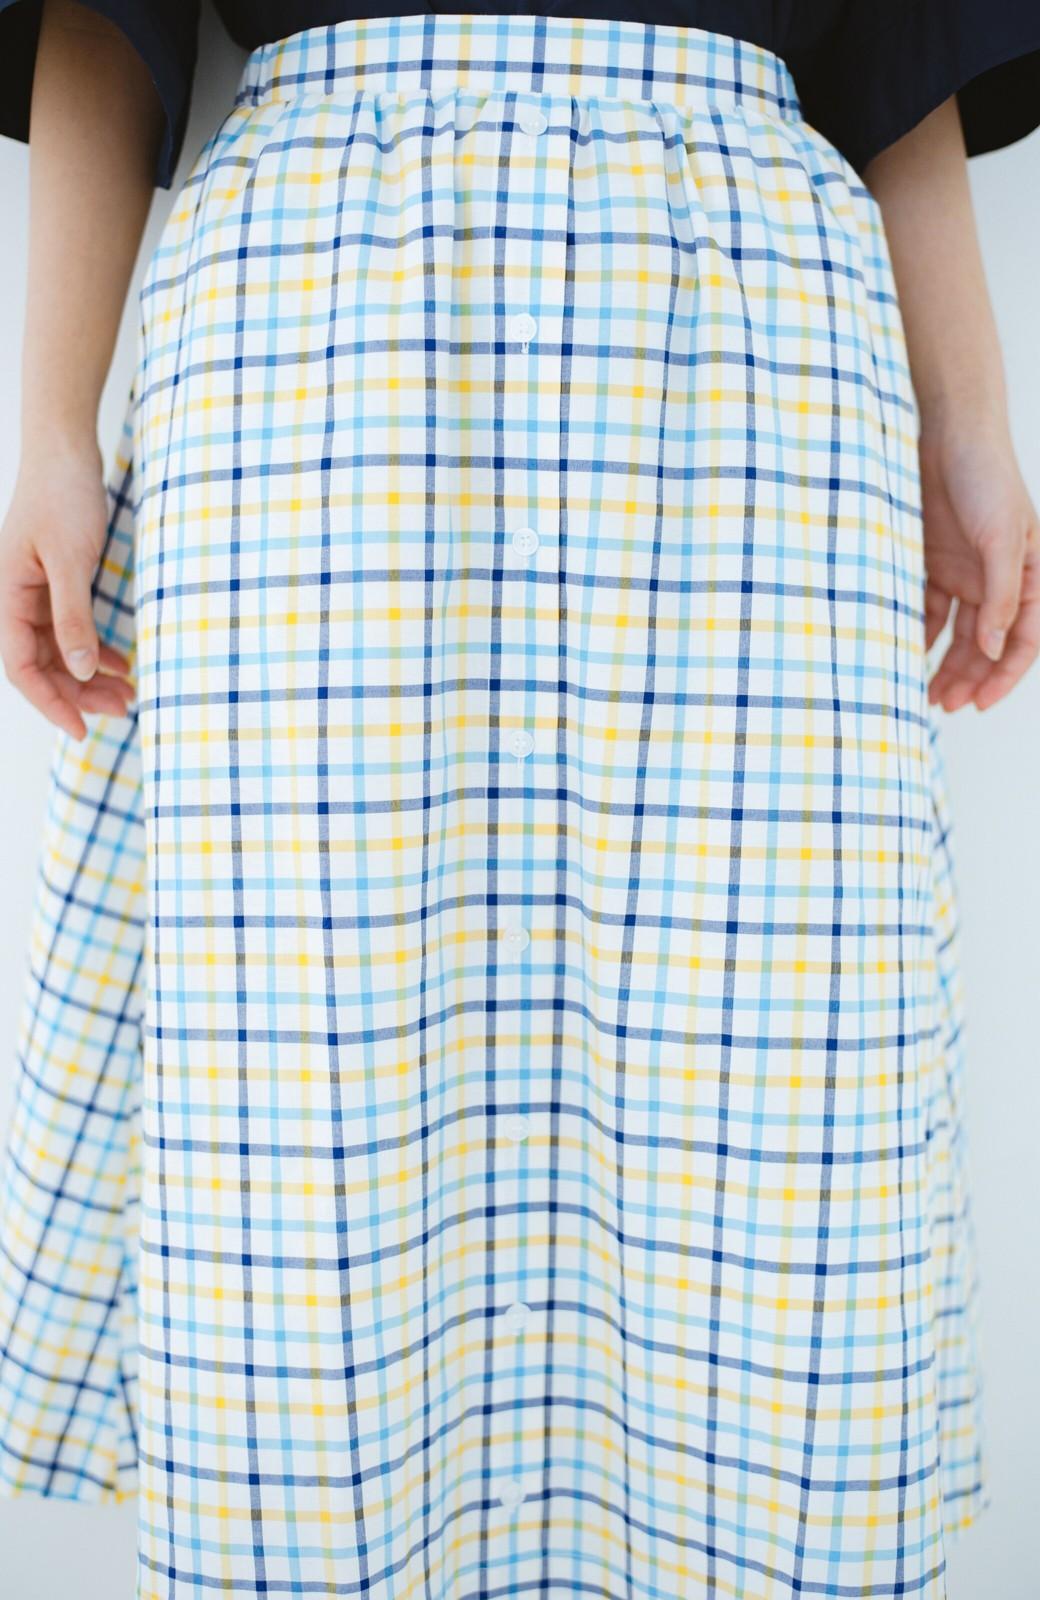 haco! ドキドキした気持ちになりたい時の華やかチェックフレアースカート <イエロー>の商品写真4